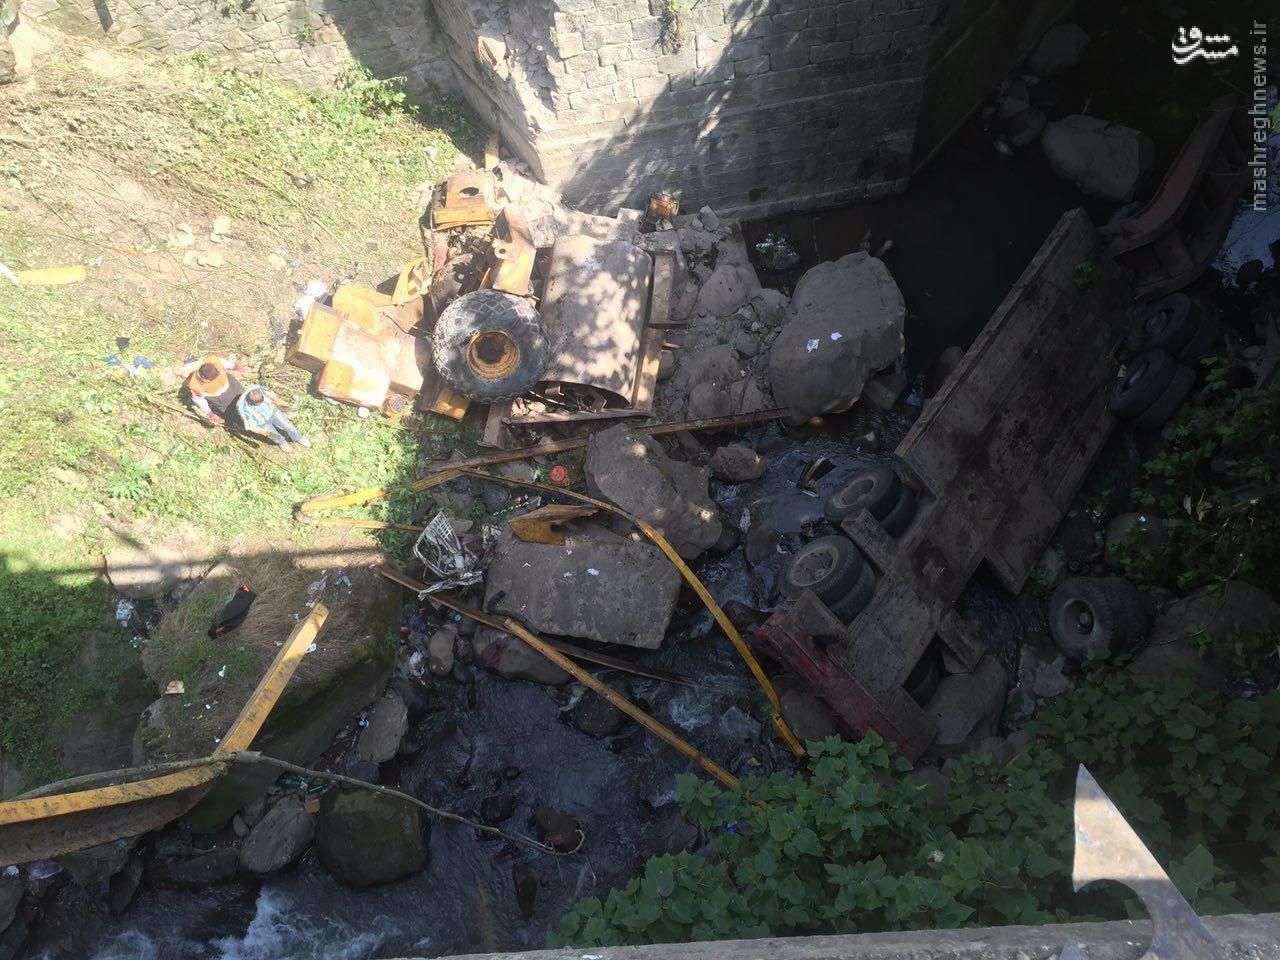 سقوط تريلي حامل محموله ترافيكي از روي پل